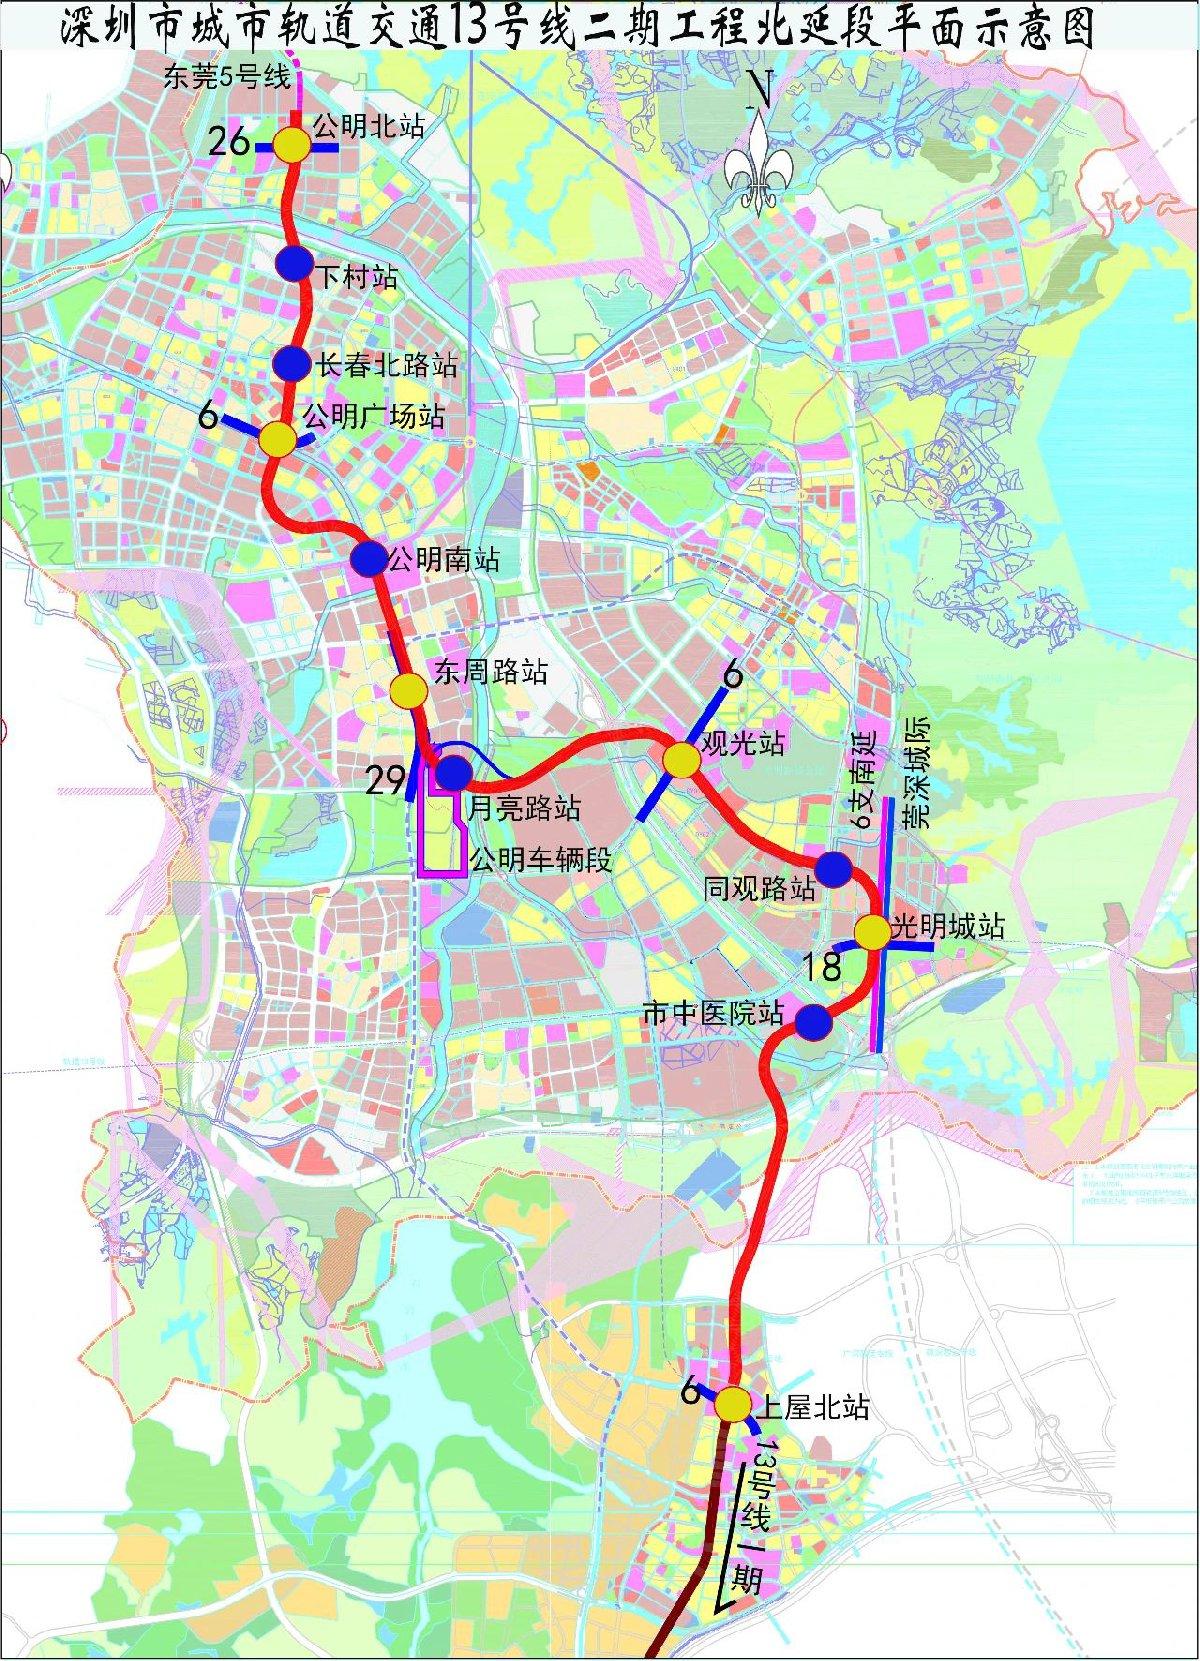 深圳地铁13号线北延长春北路站工程施工 这3条路段临时封闭一年